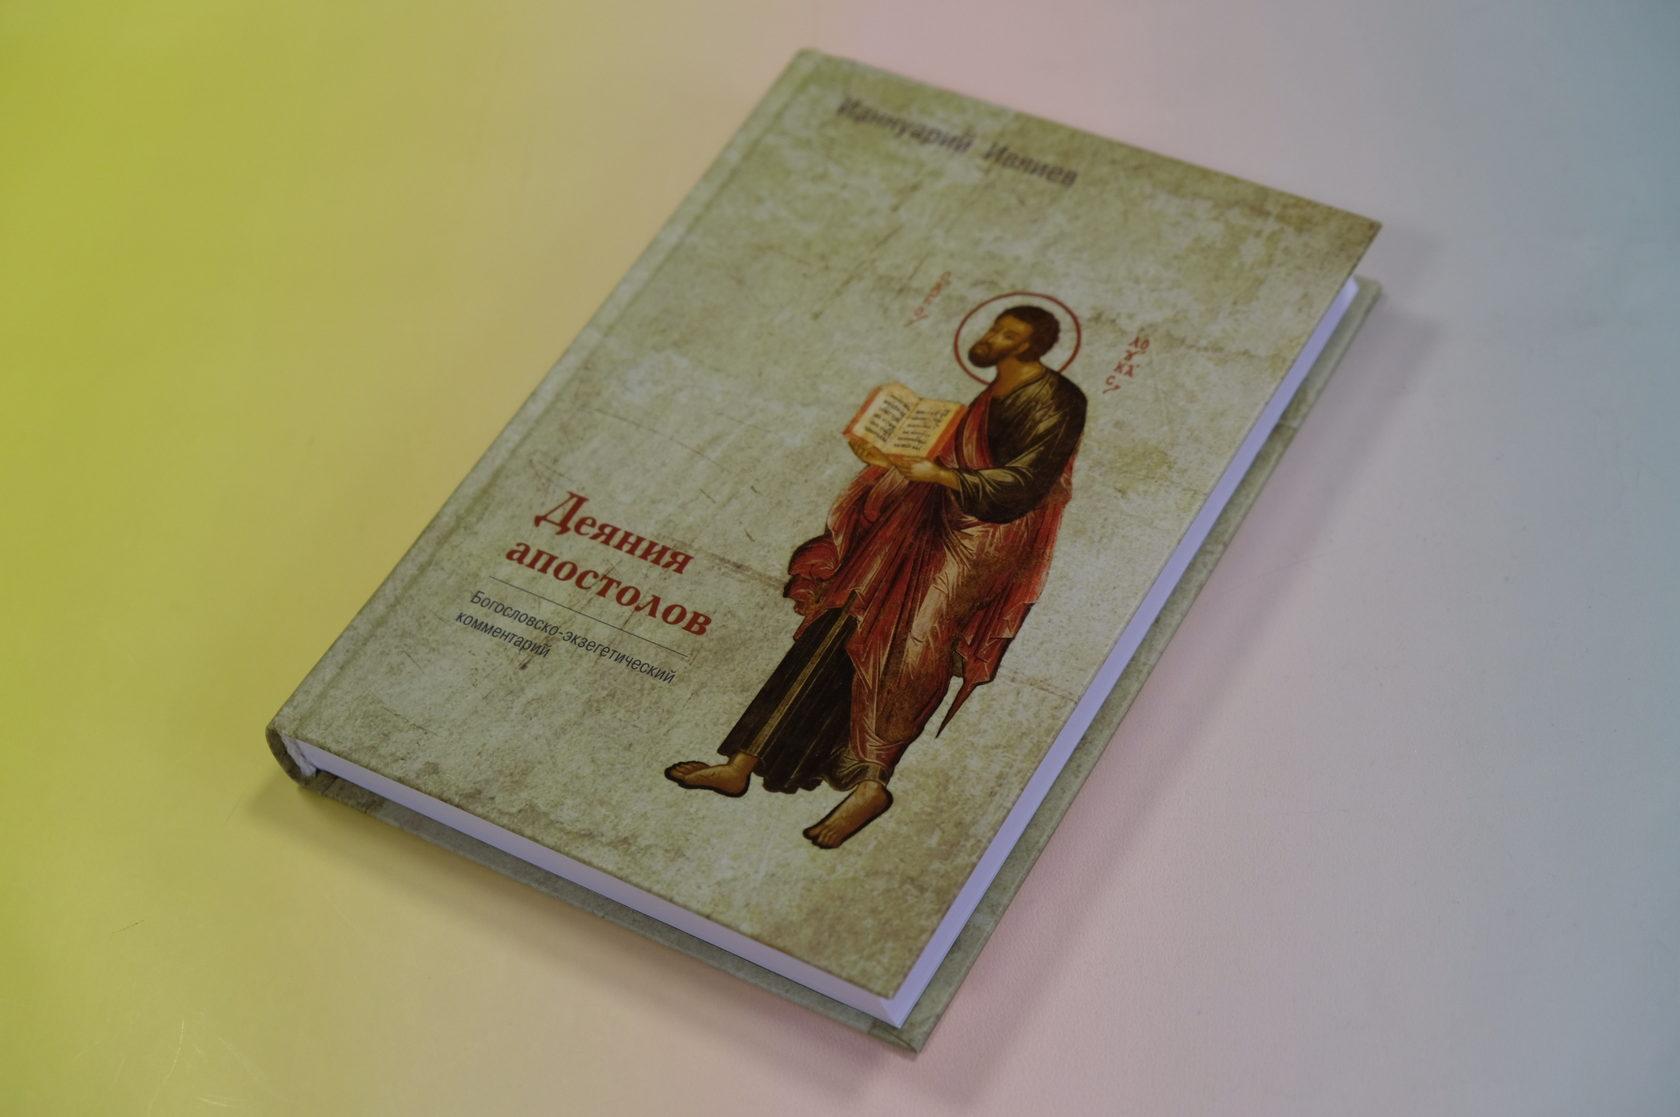 Ианнуарий Ивлиев «Деяния апостолов. Богословско-экзегетический комментарий» 978-5-89647-384-8